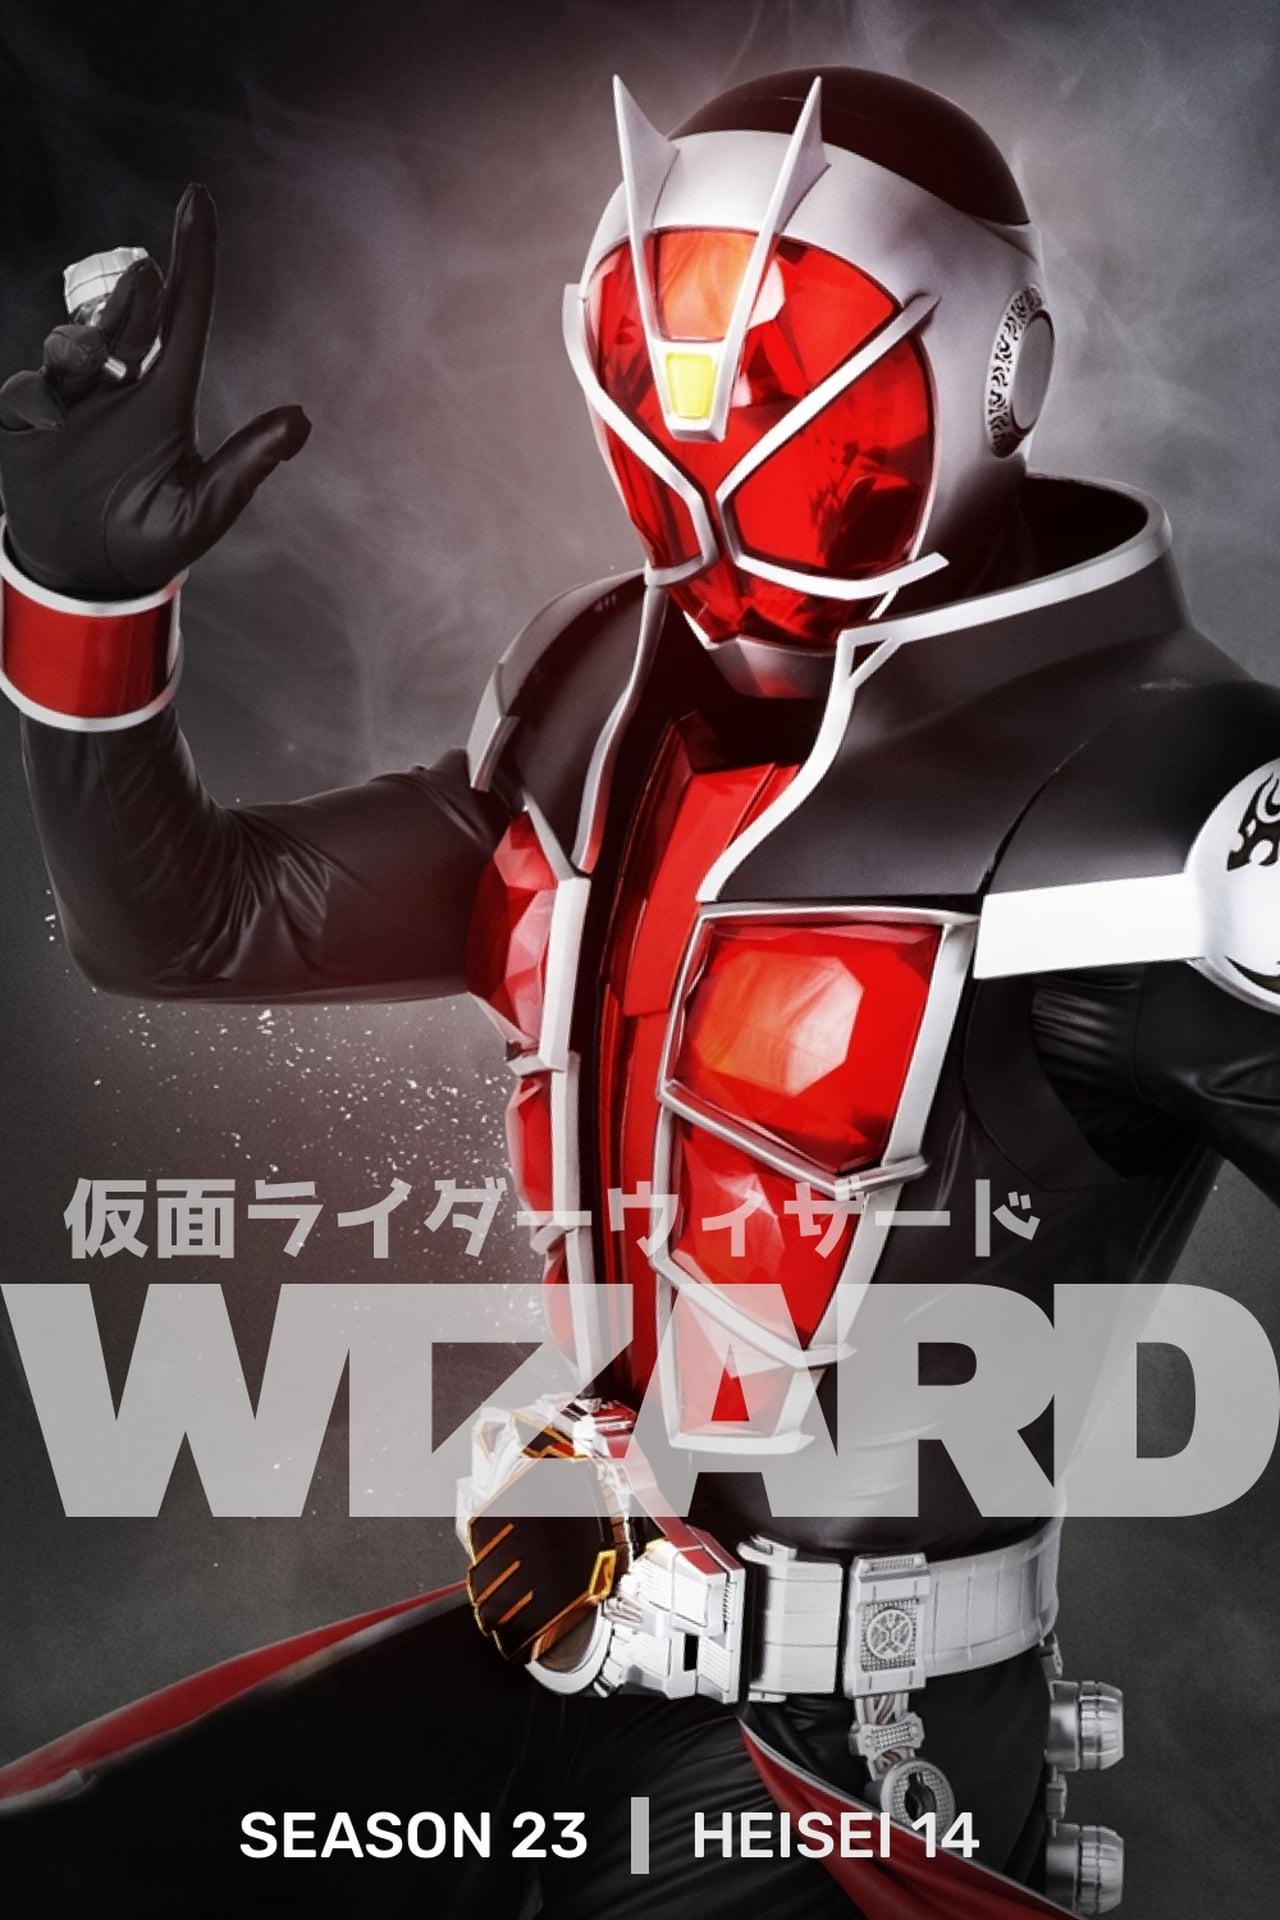 Watch Kamen Rider Season 23 Online